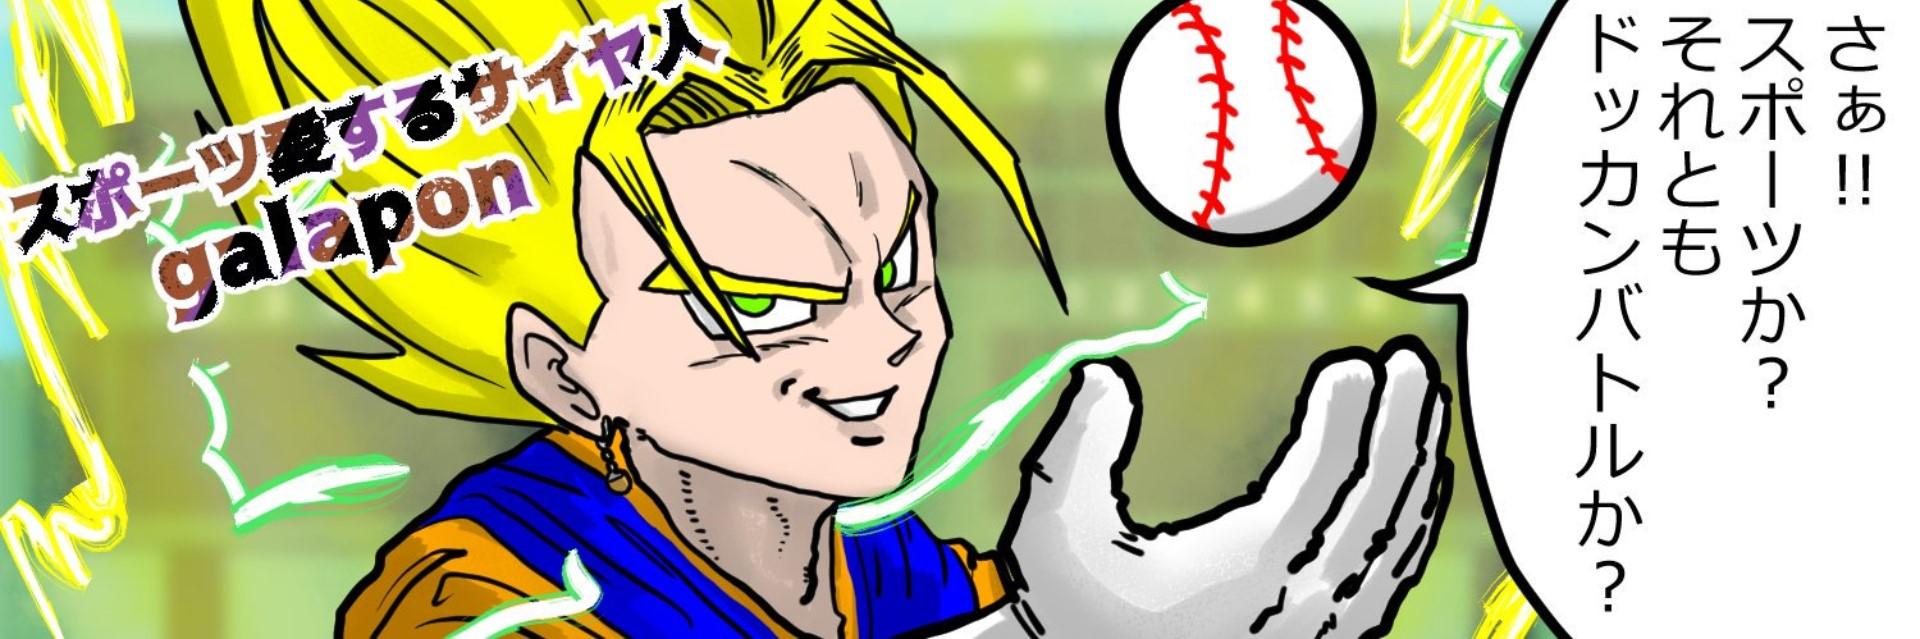 スポーツを愛するサイヤ人 galapon